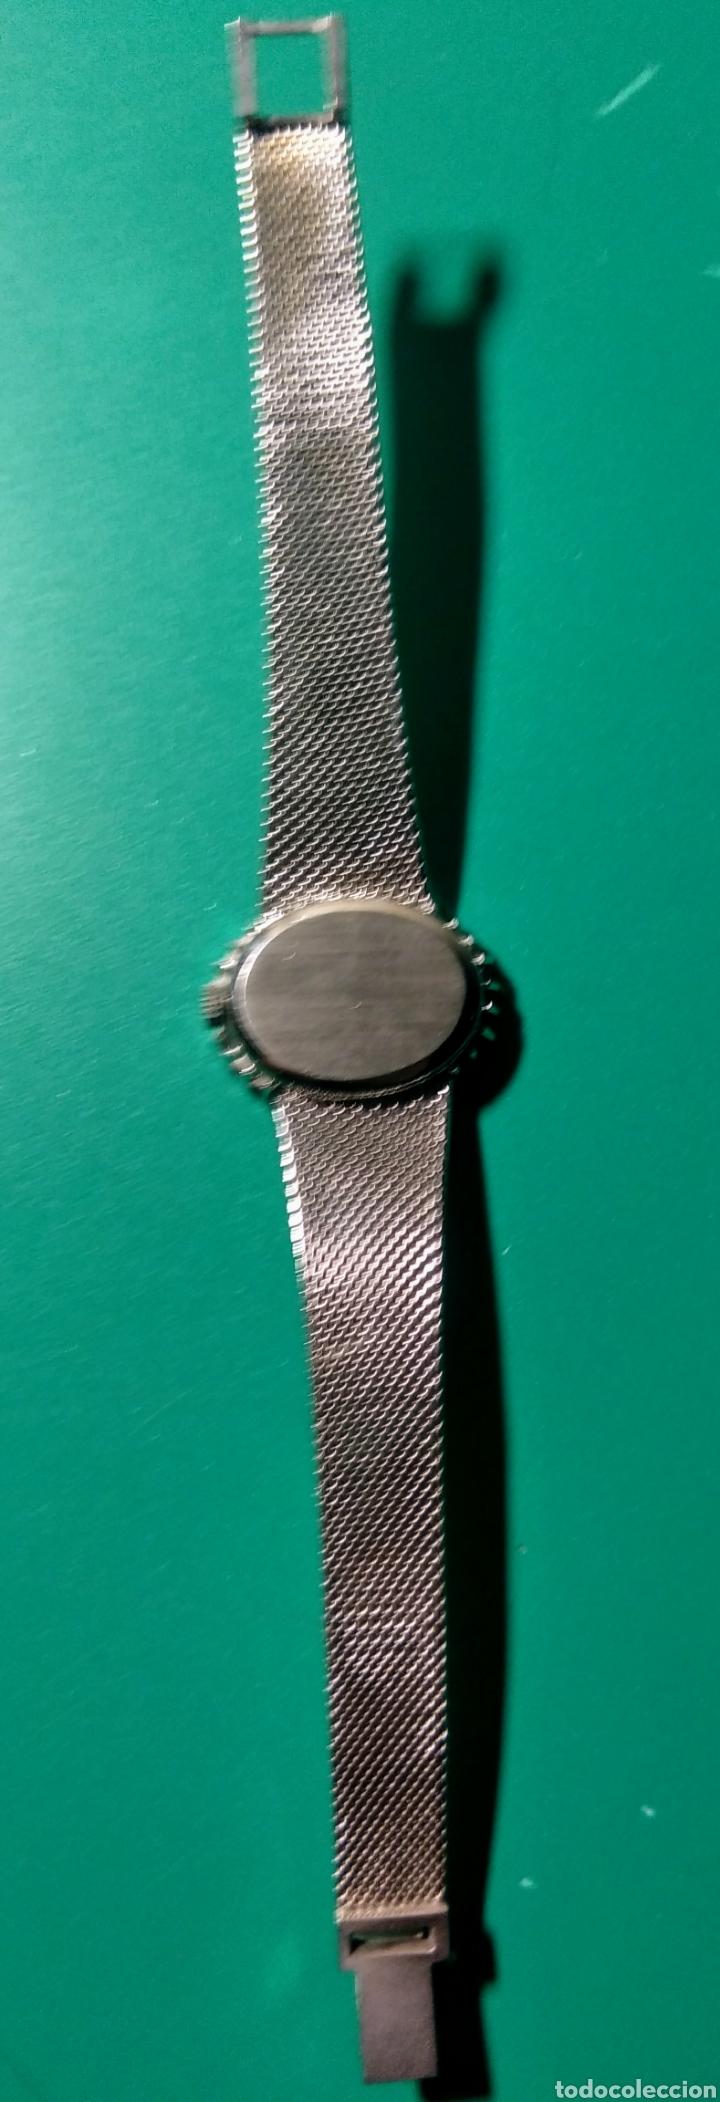 Relojes - Omega: Reloj con brillantes. Omega, oro blanco 18k. - Foto 3 - 144292024